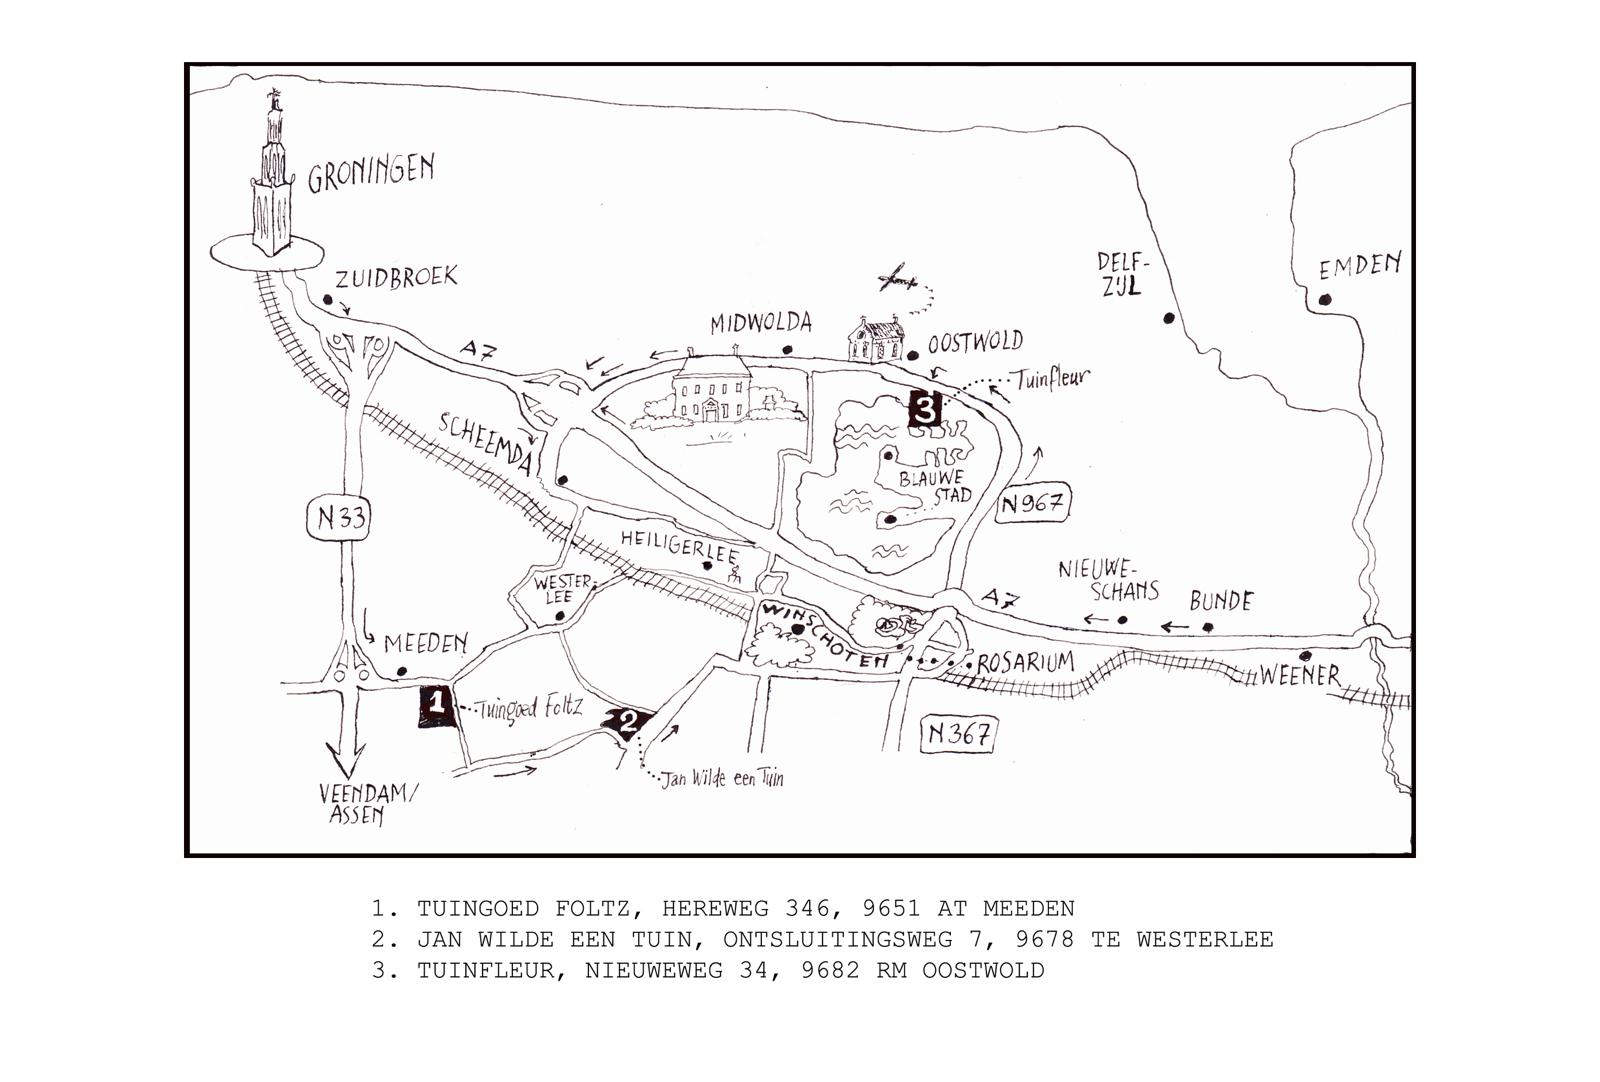 Epimedium-route